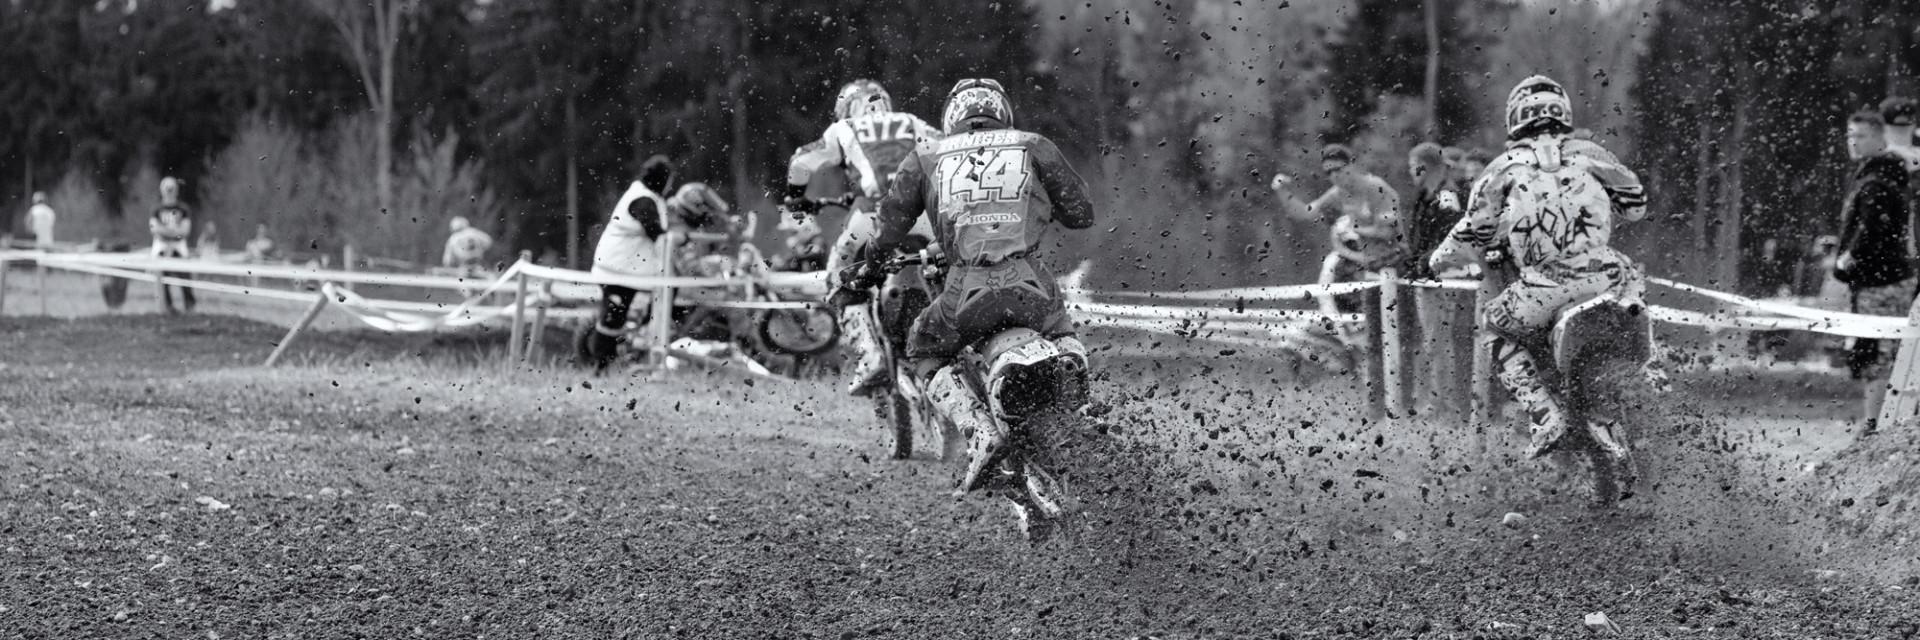 Motocross-Schlatt_20150426_2542-web